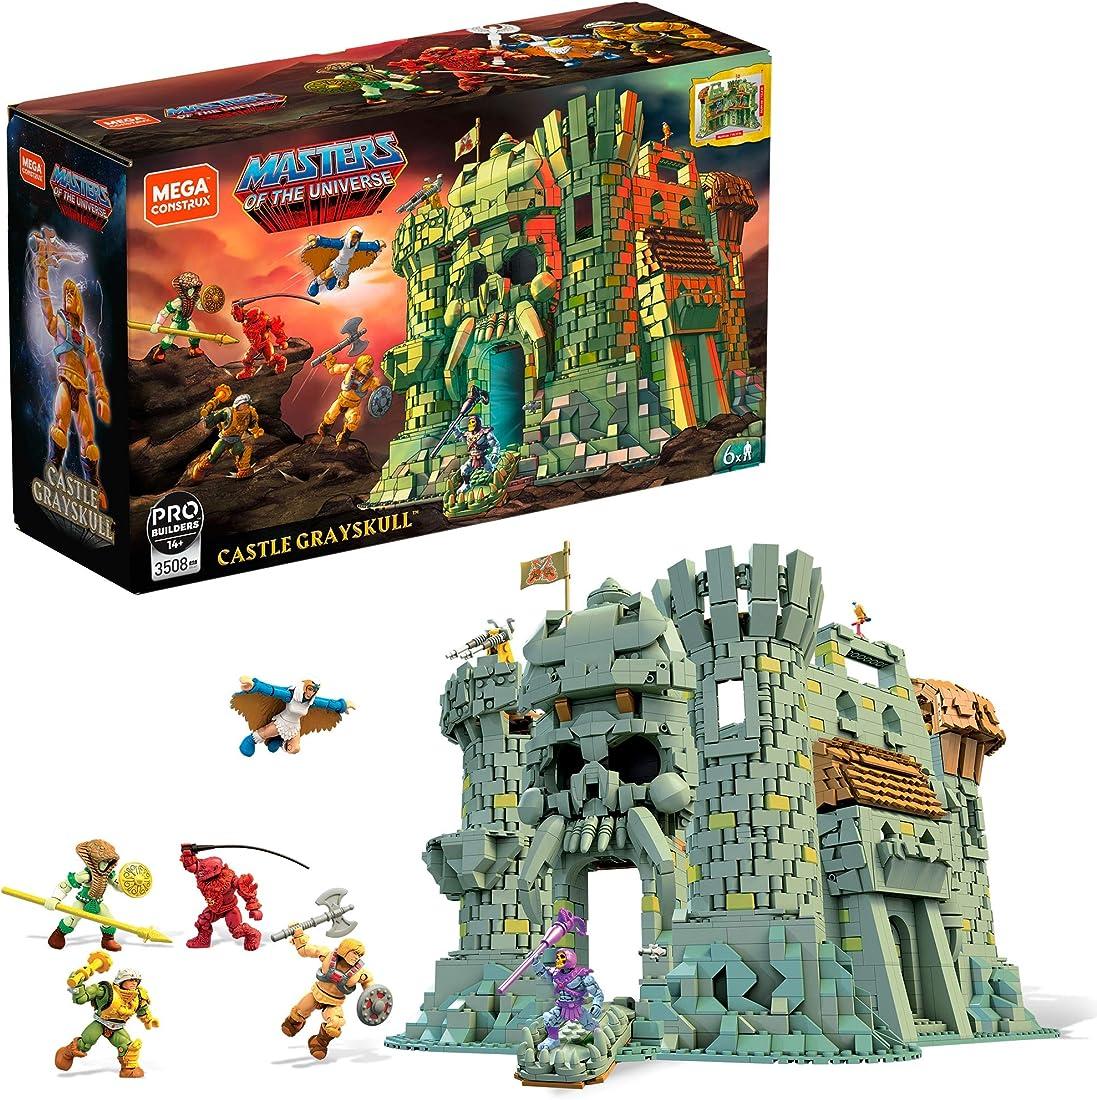 Castello del teschio lego mega construx masters of the universe con 3508 pezzi GGJ67